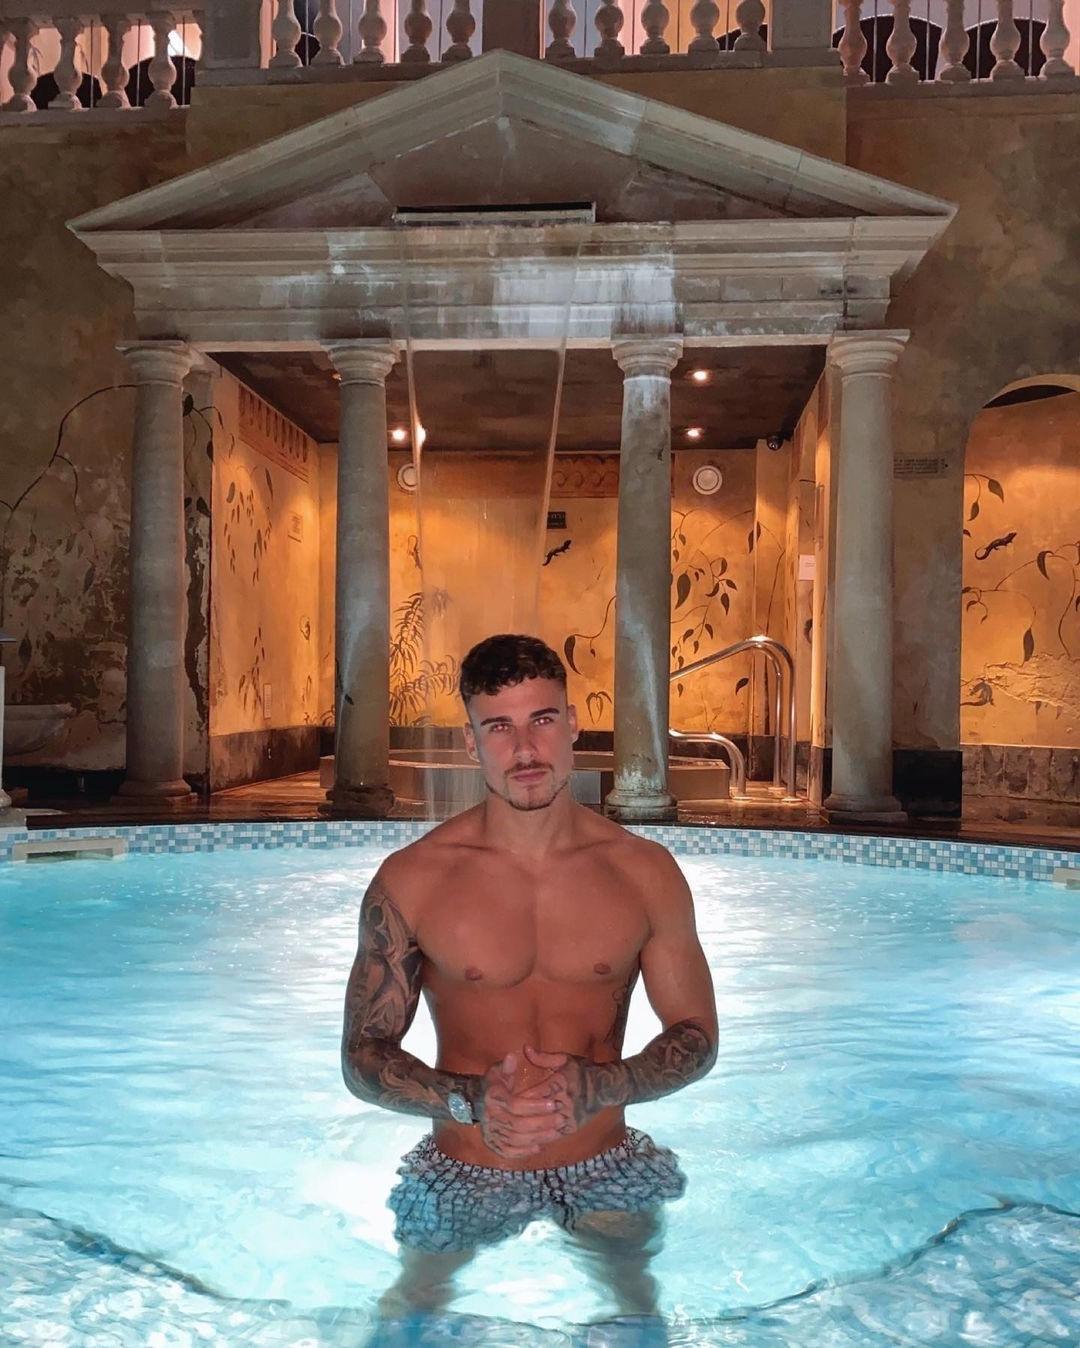 fit-shirtless-dude-kori-sampson-luxurious-pool